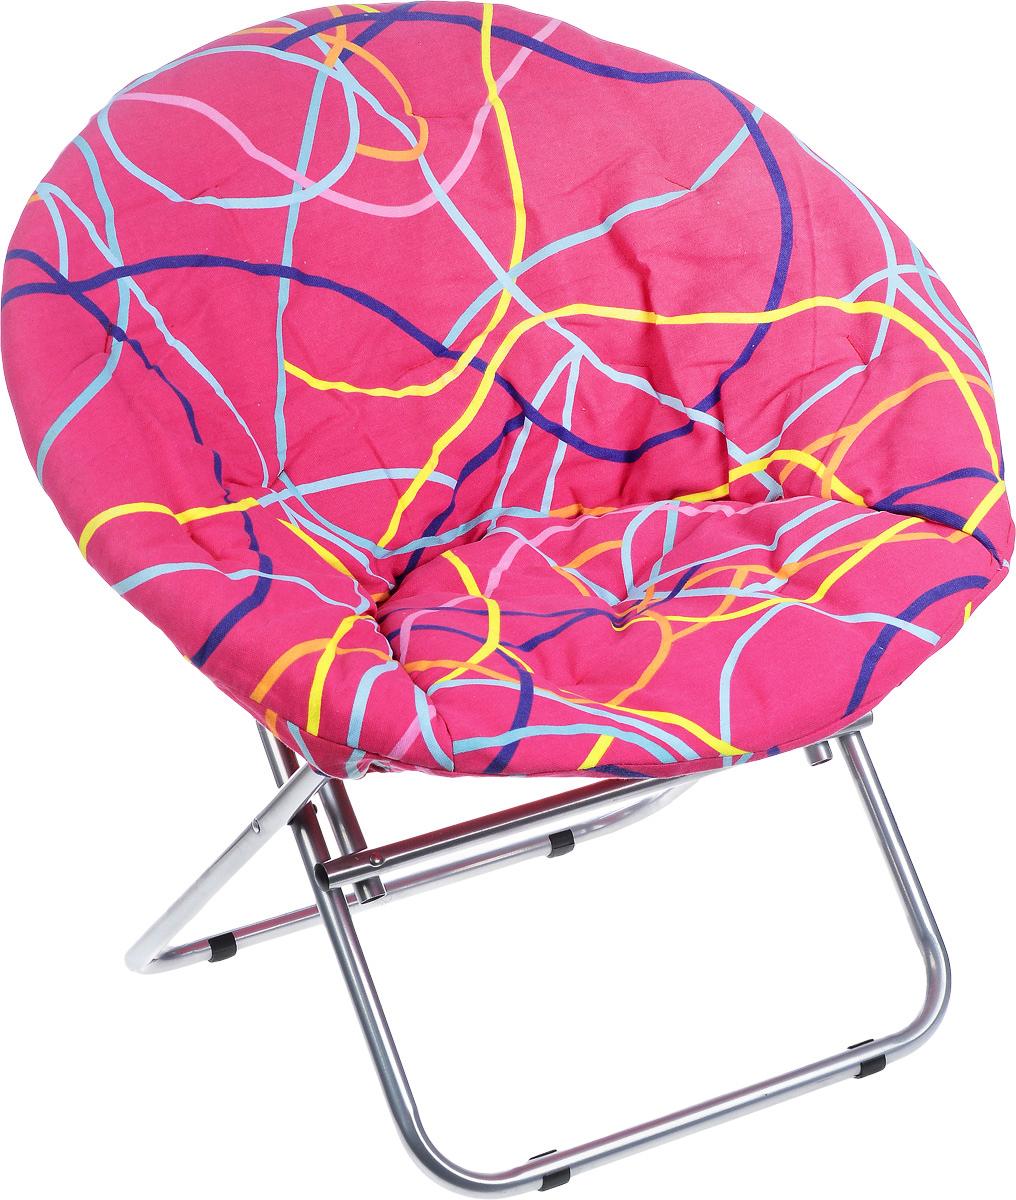 Кресло садовое Wildman, со съемным чехлом, 77 х 64 х 80 см81-452Внешне кресло Wildman не отличается от обыкновенного кресла. На нем можно удобно расположиться в тени деревьев, отдохнуть в приятной прохладе летнего вечера. Каркас кресла выполнен из прочного металла, а чехол, который при необходимости можно снять, из текстиля. В использовании садовое кресло достойно самых лучших похвал. Его очень легко перенести в другое место. Во время летних праздников, пикников, семейных встреч садовое кресло решит проблемы с размещением гостей.